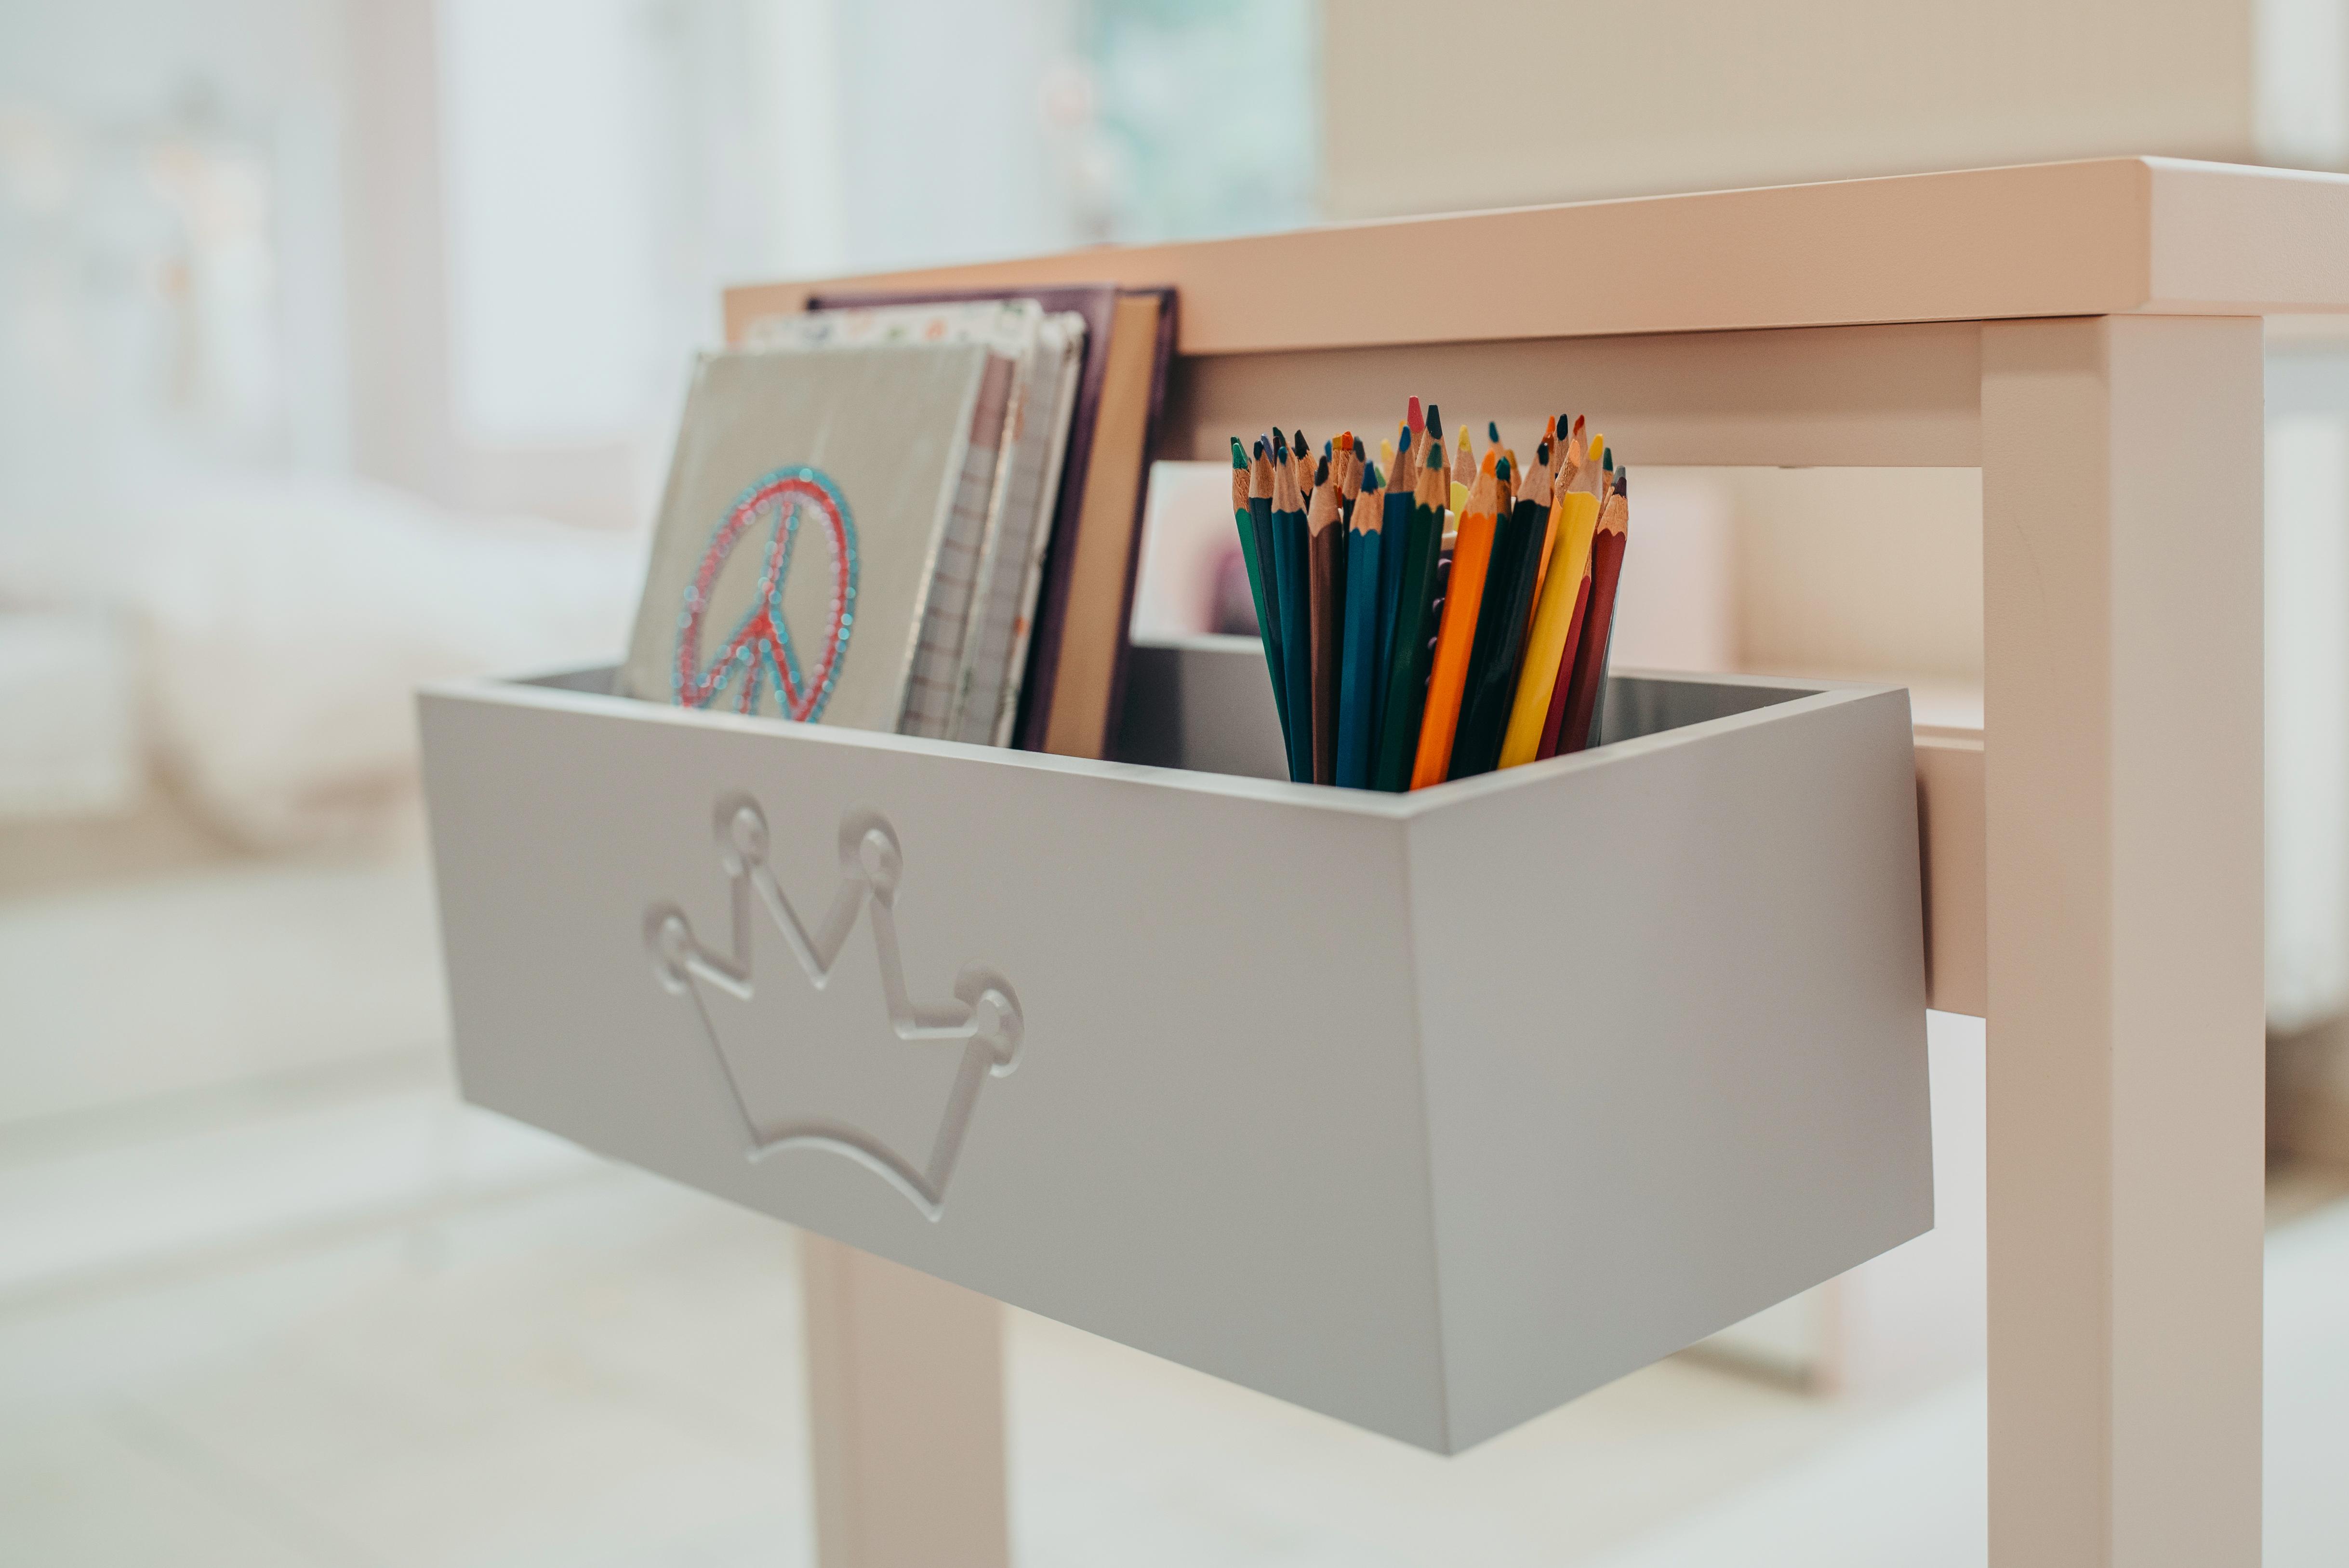 4_Úložný box na školní potřeby lze zavěsit na kraj stolu_foto Viabel - Lucia Rambousková_repro zdarma